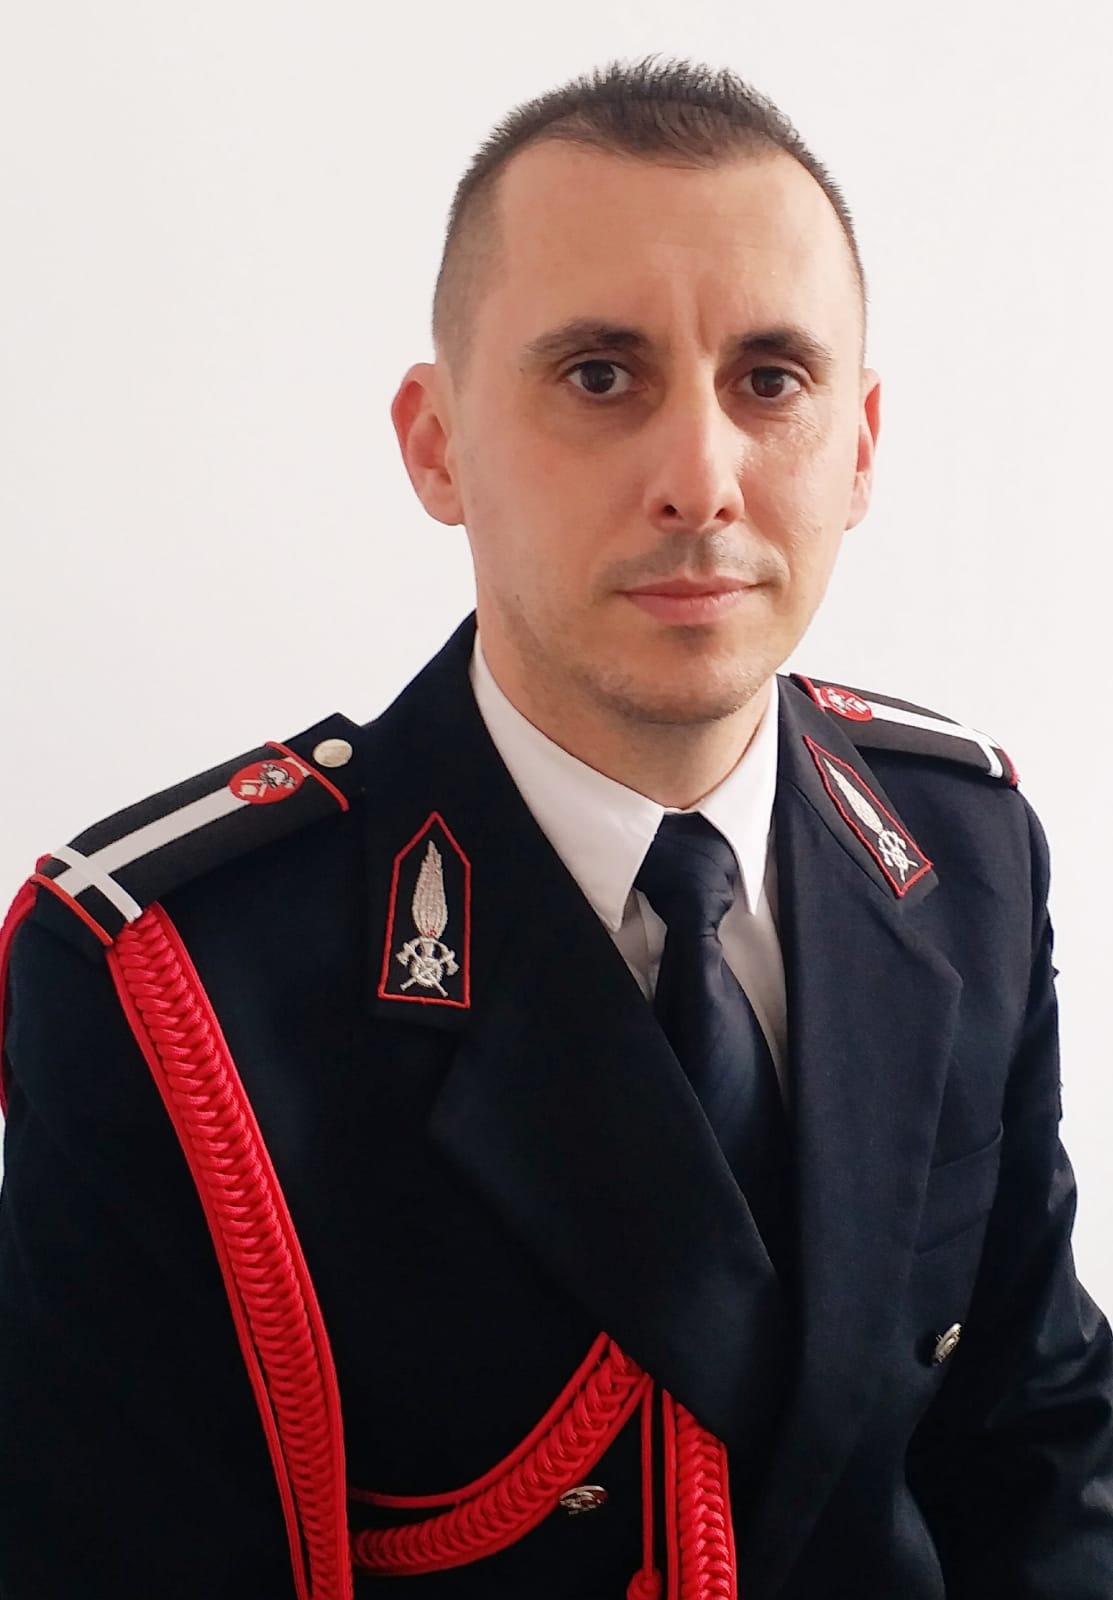 I.S.U. Hunedoara are, de astăzi, un nou prim adjunct al inspectorului şef. Maiorul Alin Nasta, pompier cu o carieră militară solidă